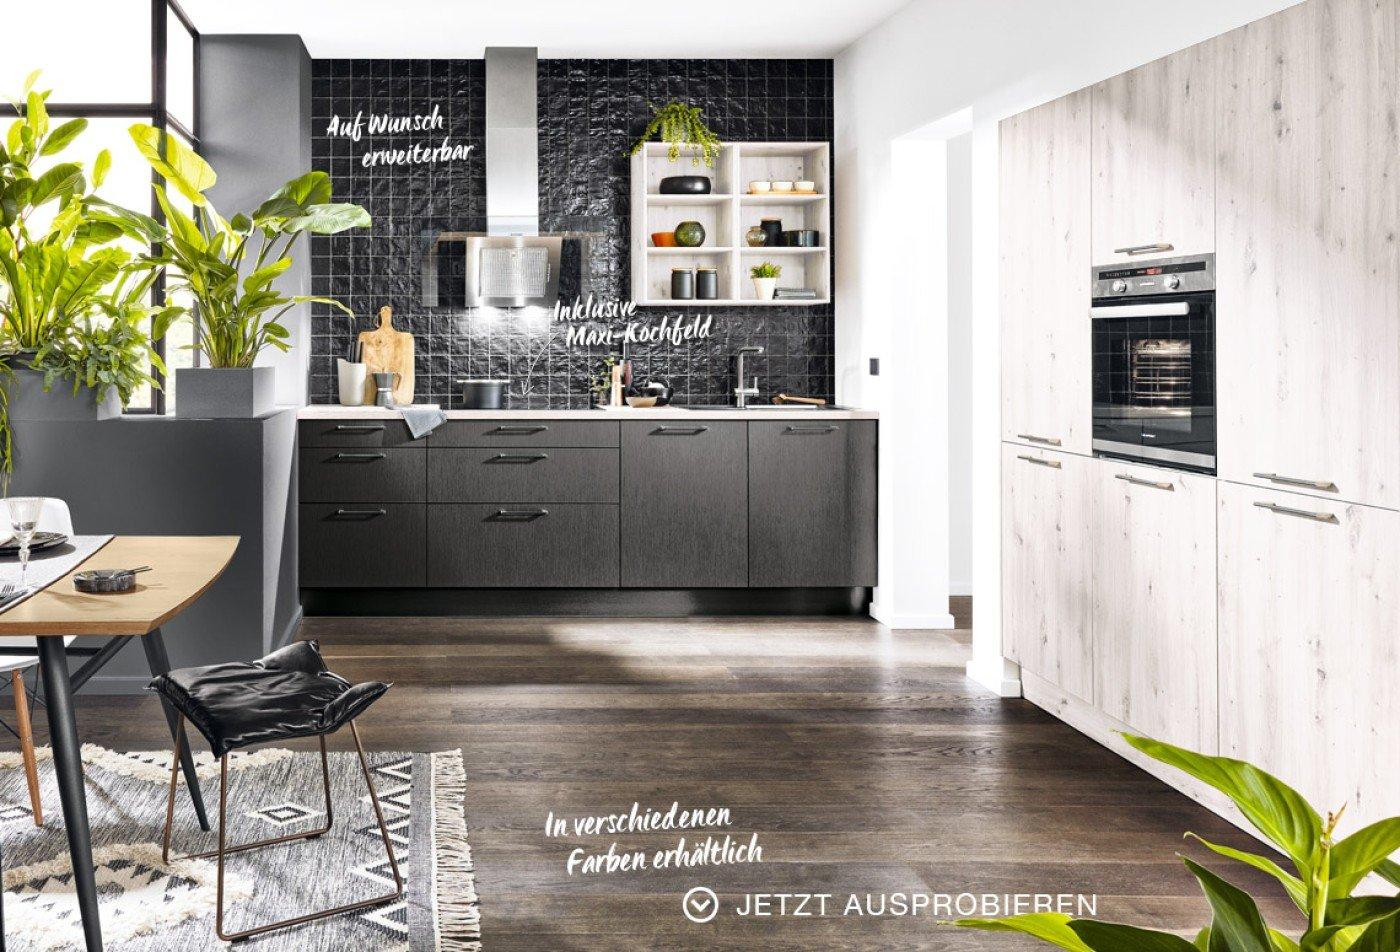 Steel-Bali Küche - Metallic dunkel - Eiche Nordic